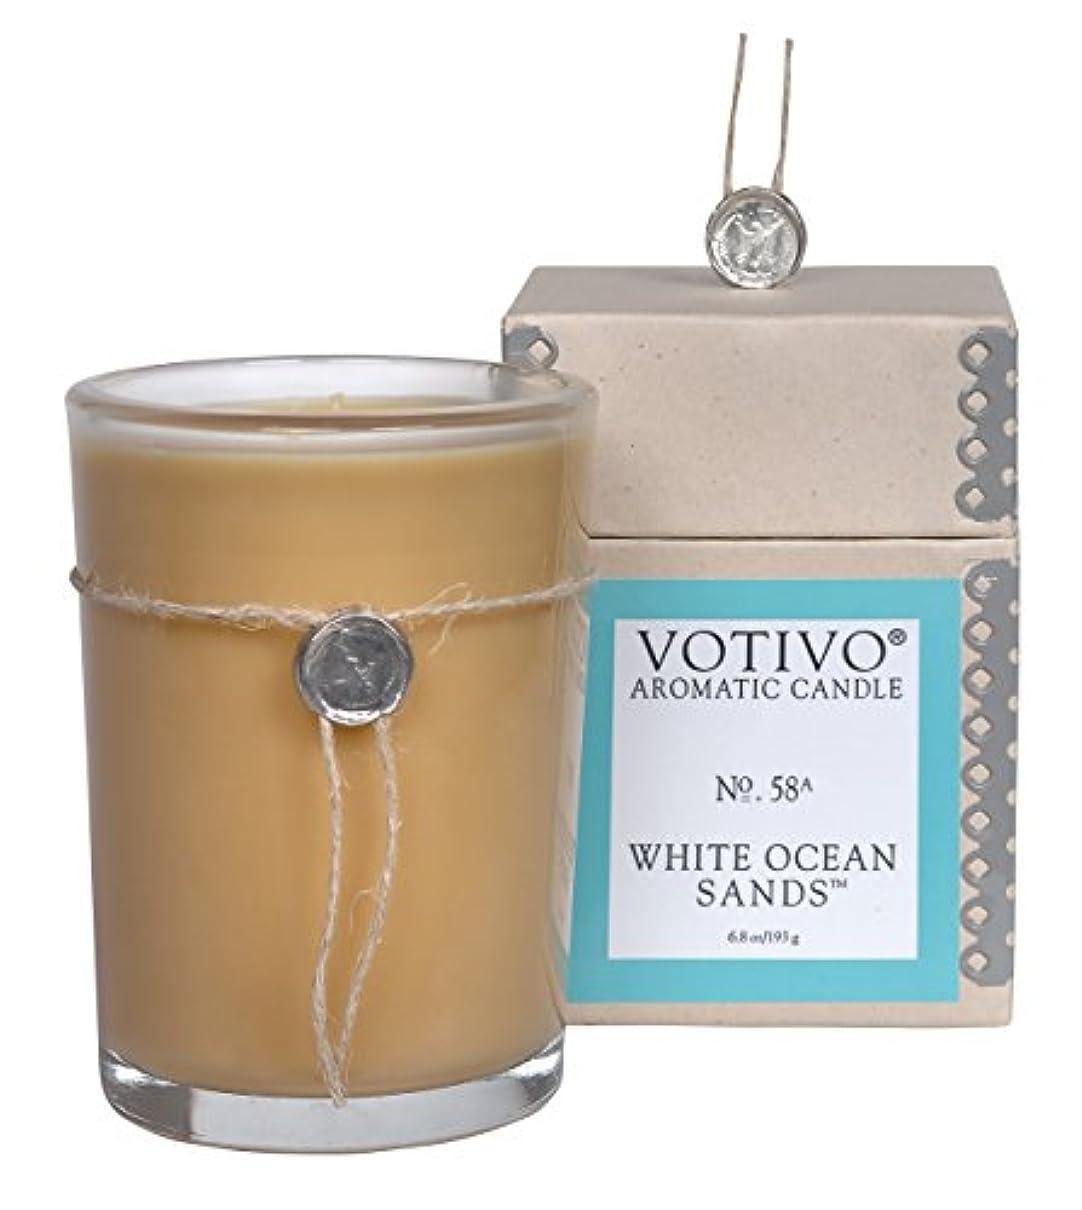 真似るエジプト使役VOTIVO アロマティック グラスキャンドル ホワイトオーシャンサ